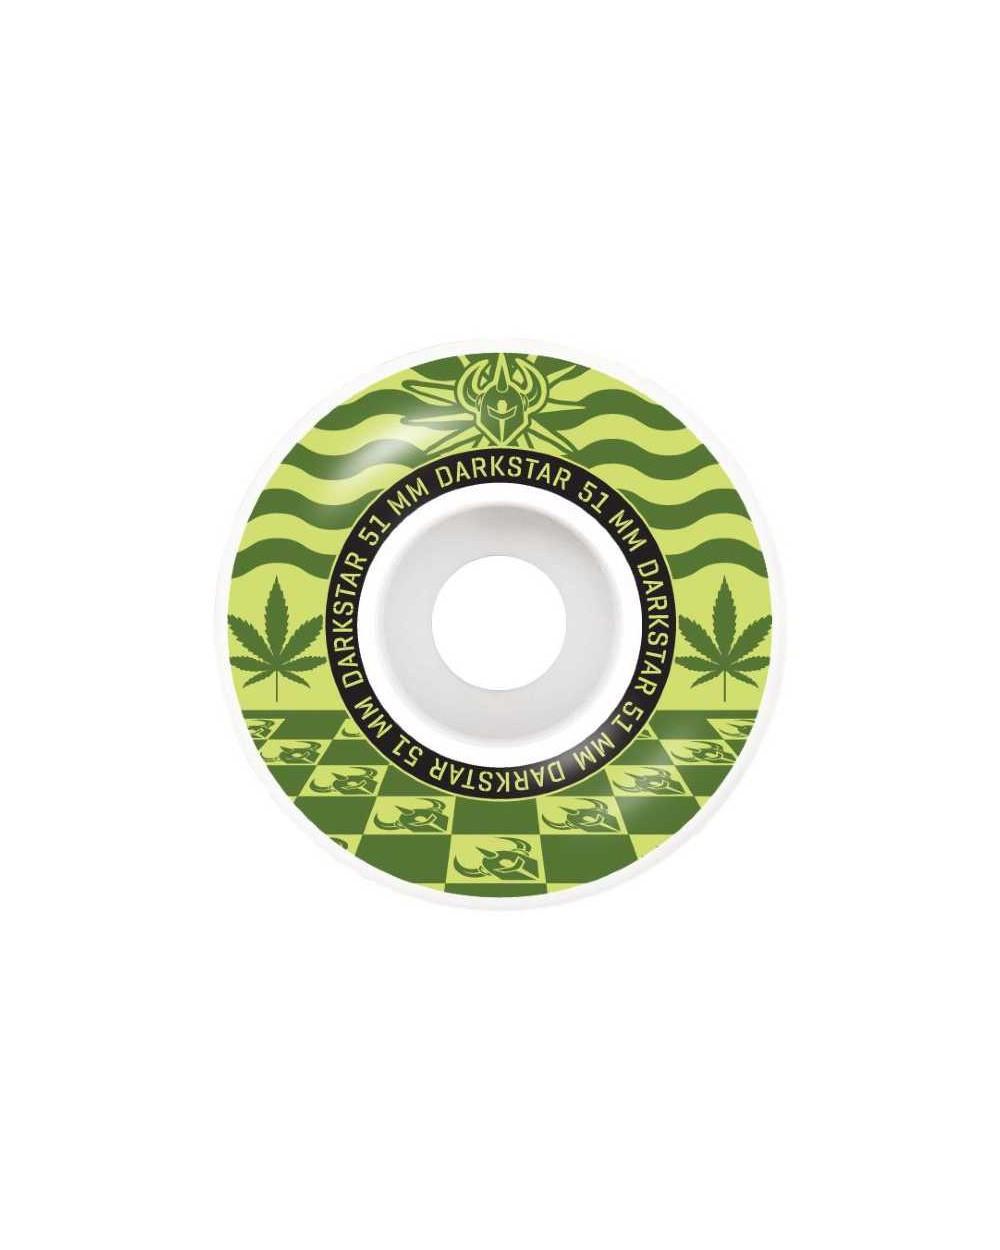 Darkstar Mirage Army Green Wheels 51mm